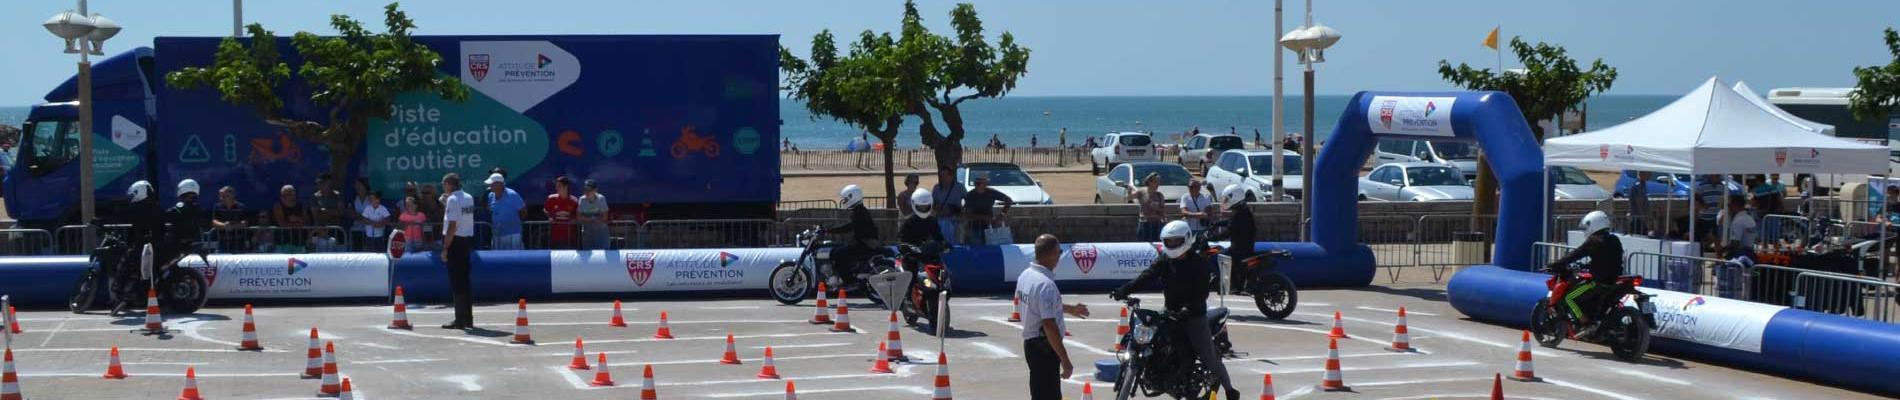 Initiation au deux-roues motorisé : les jeunes en piste tout l'été pour la sécurité